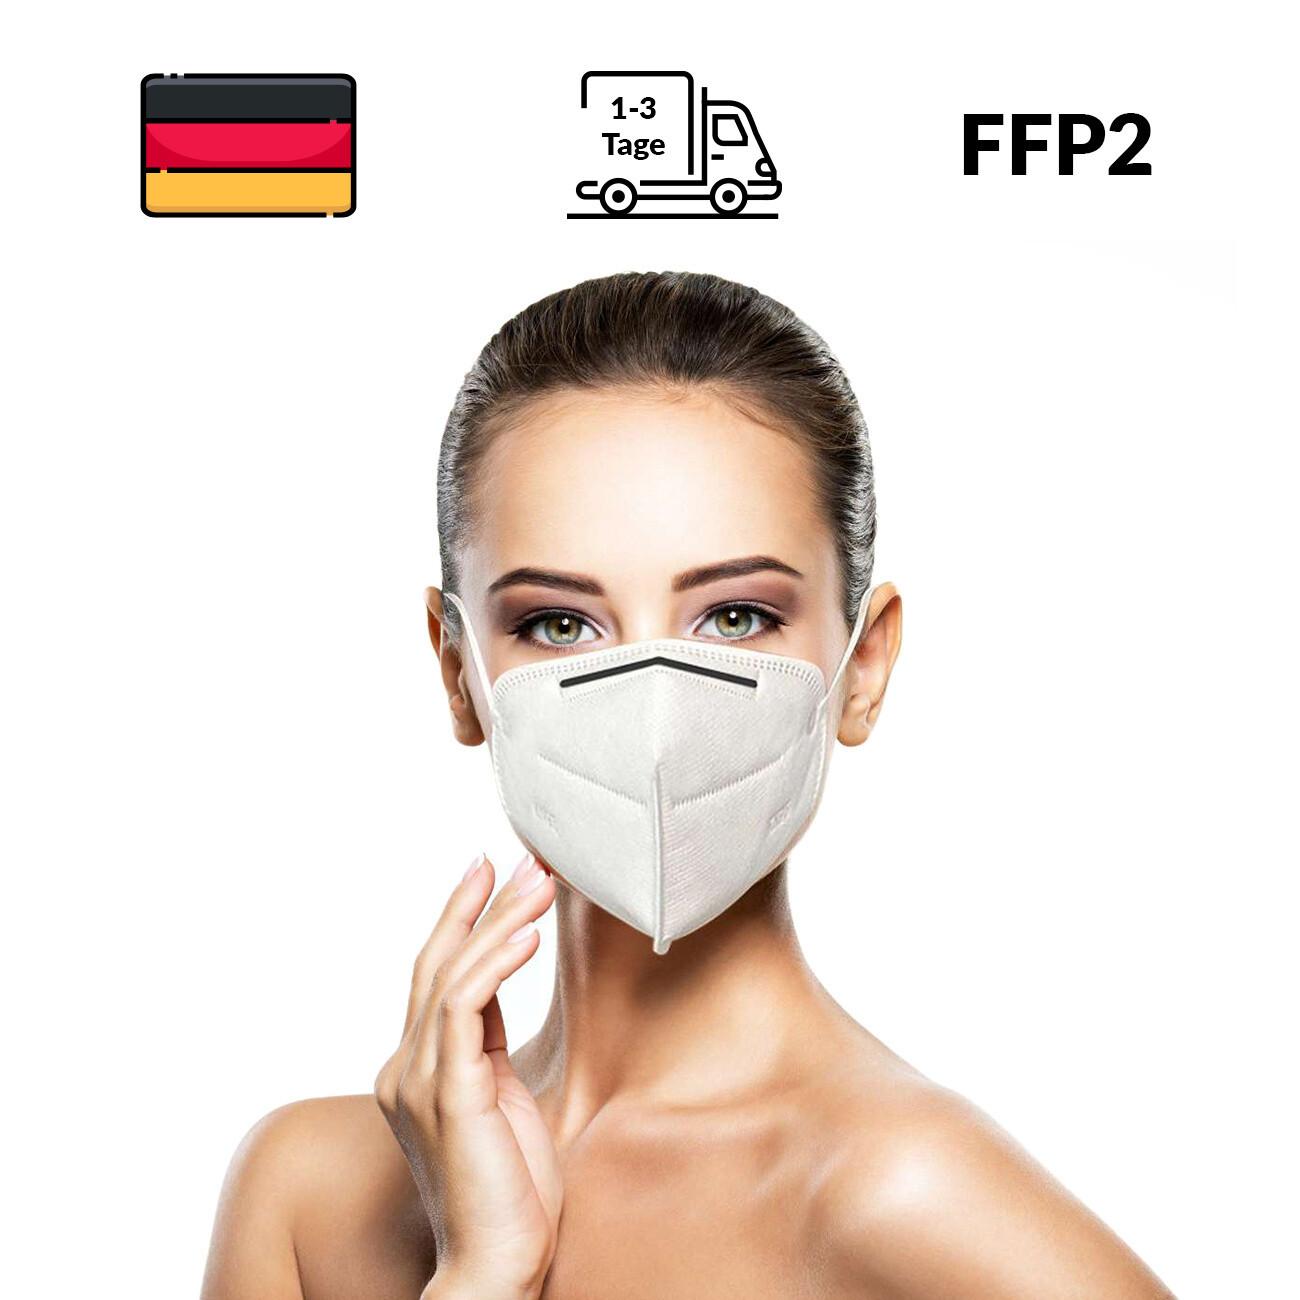 Atemschutz - KN95 Masken / FFP2 Schutzmasken - 20 Stück